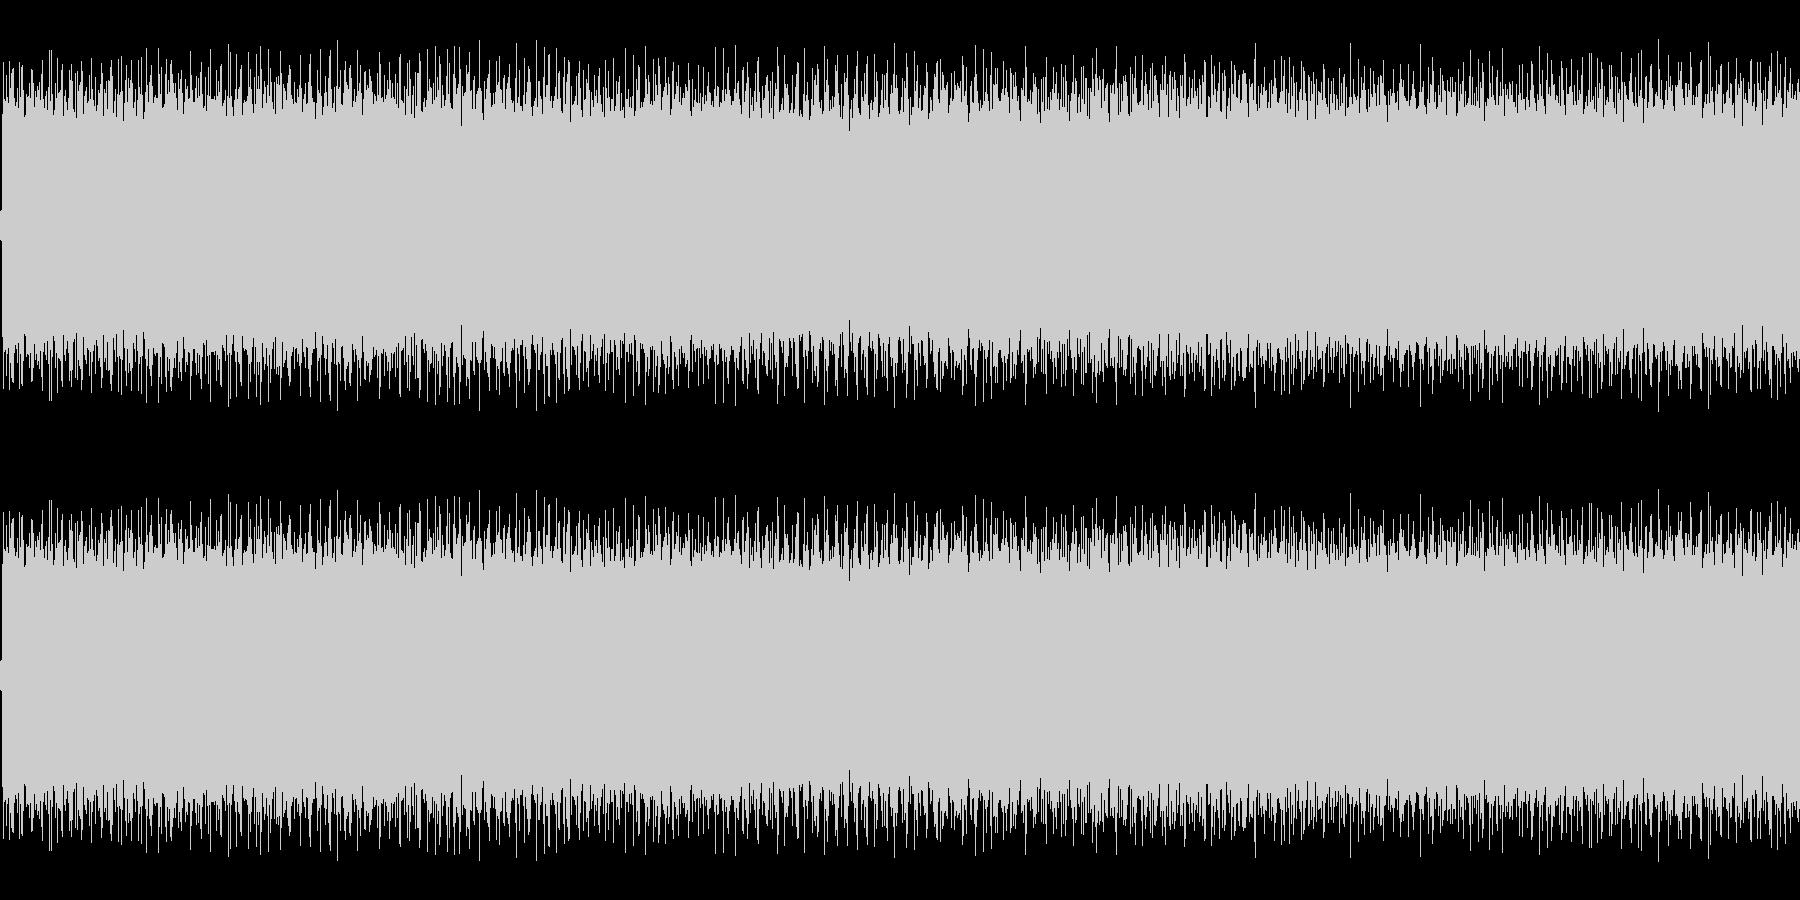 アメリカのパトカーのサイレン音の未再生の波形